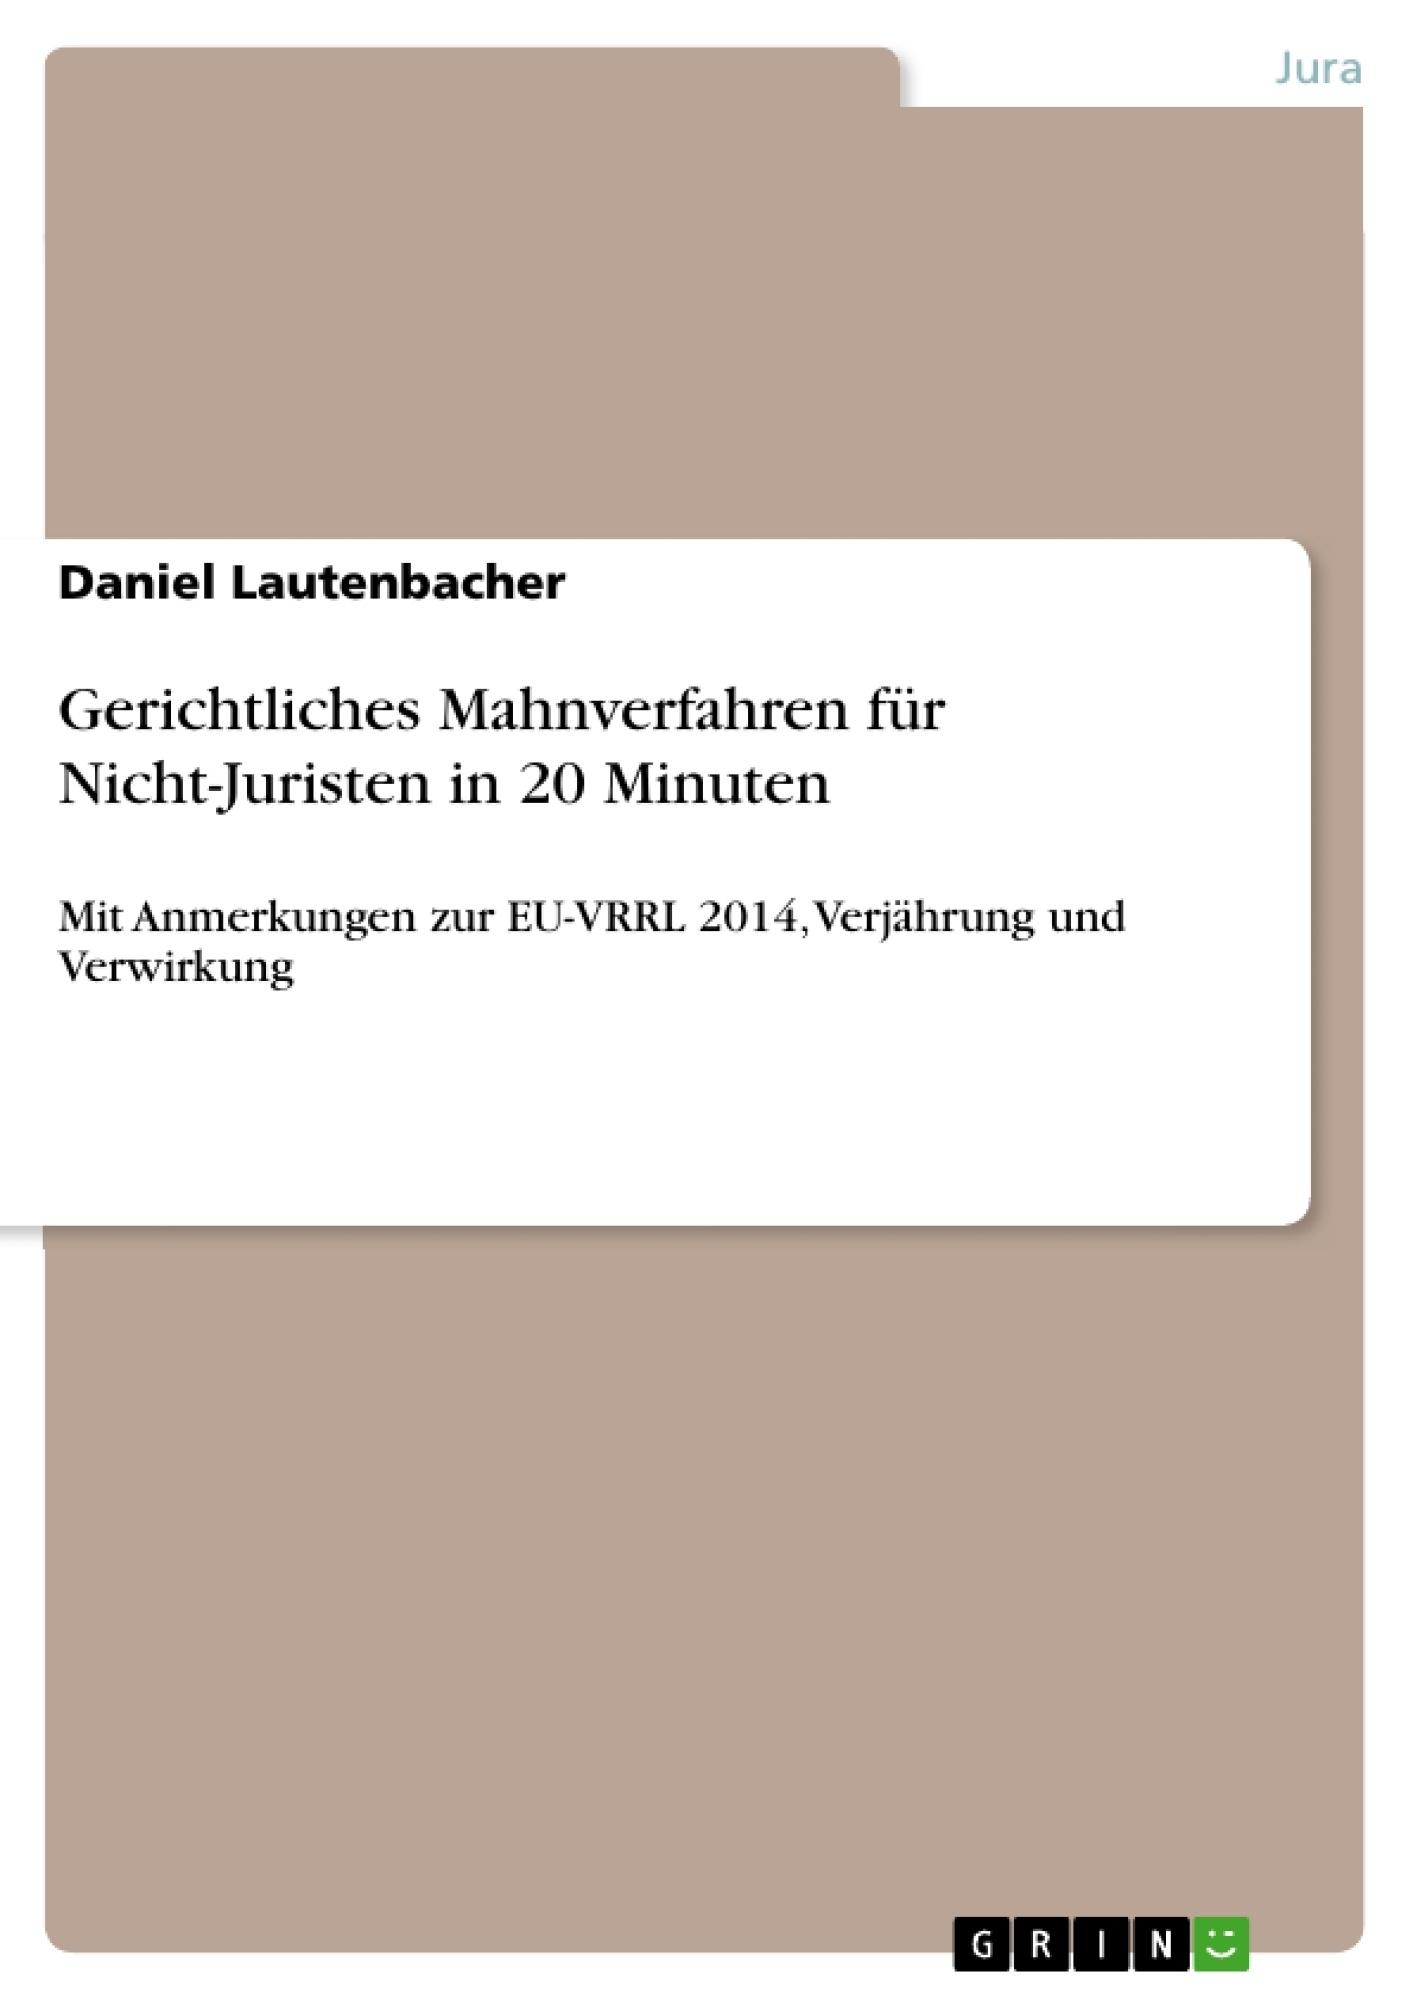 Titel: Gerichtliches Mahnverfahren für Nicht-Juristen in 20 Minuten